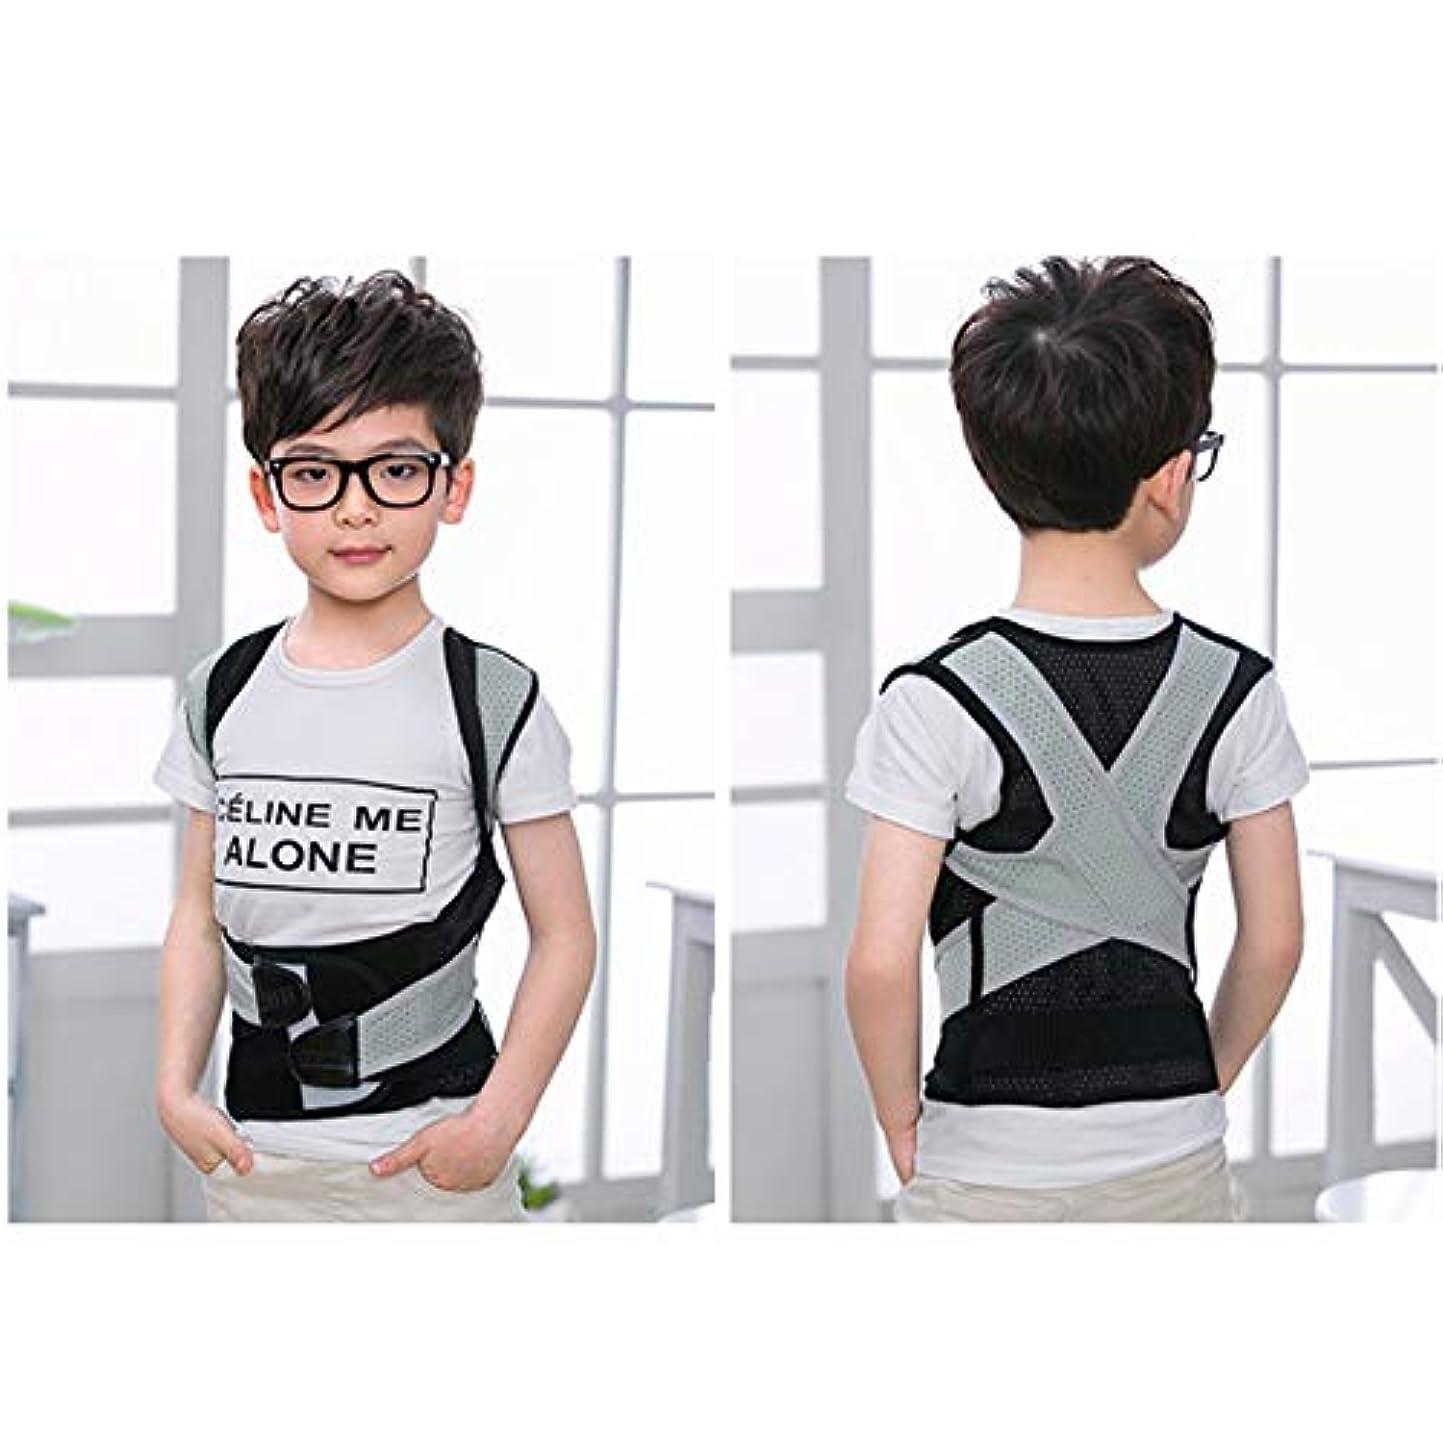 背中矯正ベルト、男性、女性用のヒーンバック矯正ベルト、座位矯正具、調節可能背もたれ、ショルダーサポートベルト